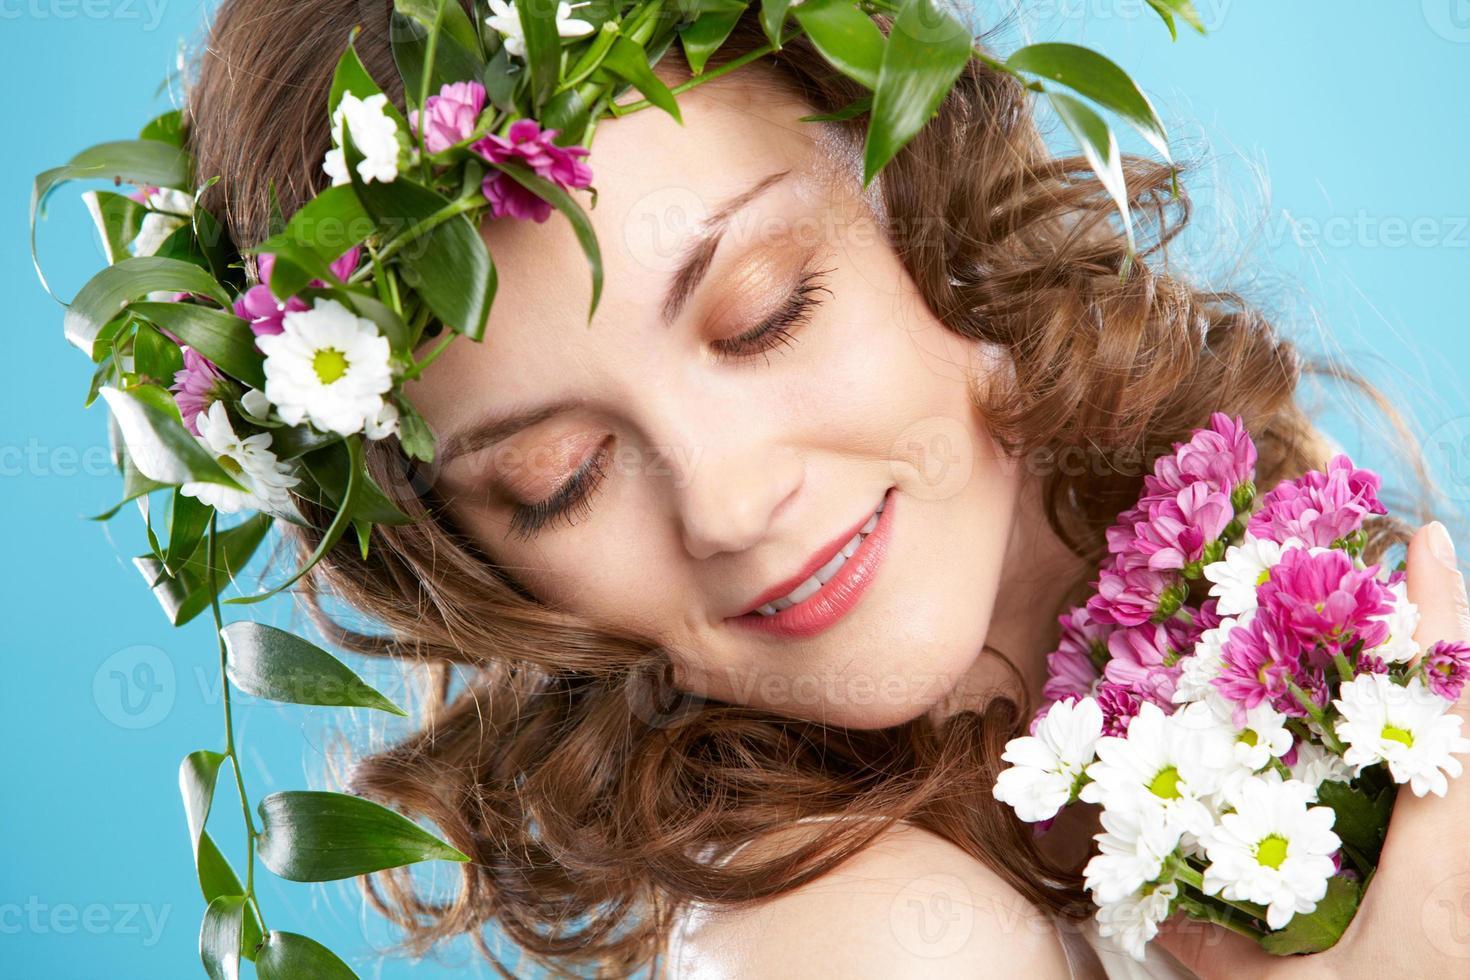 fiore donna foto